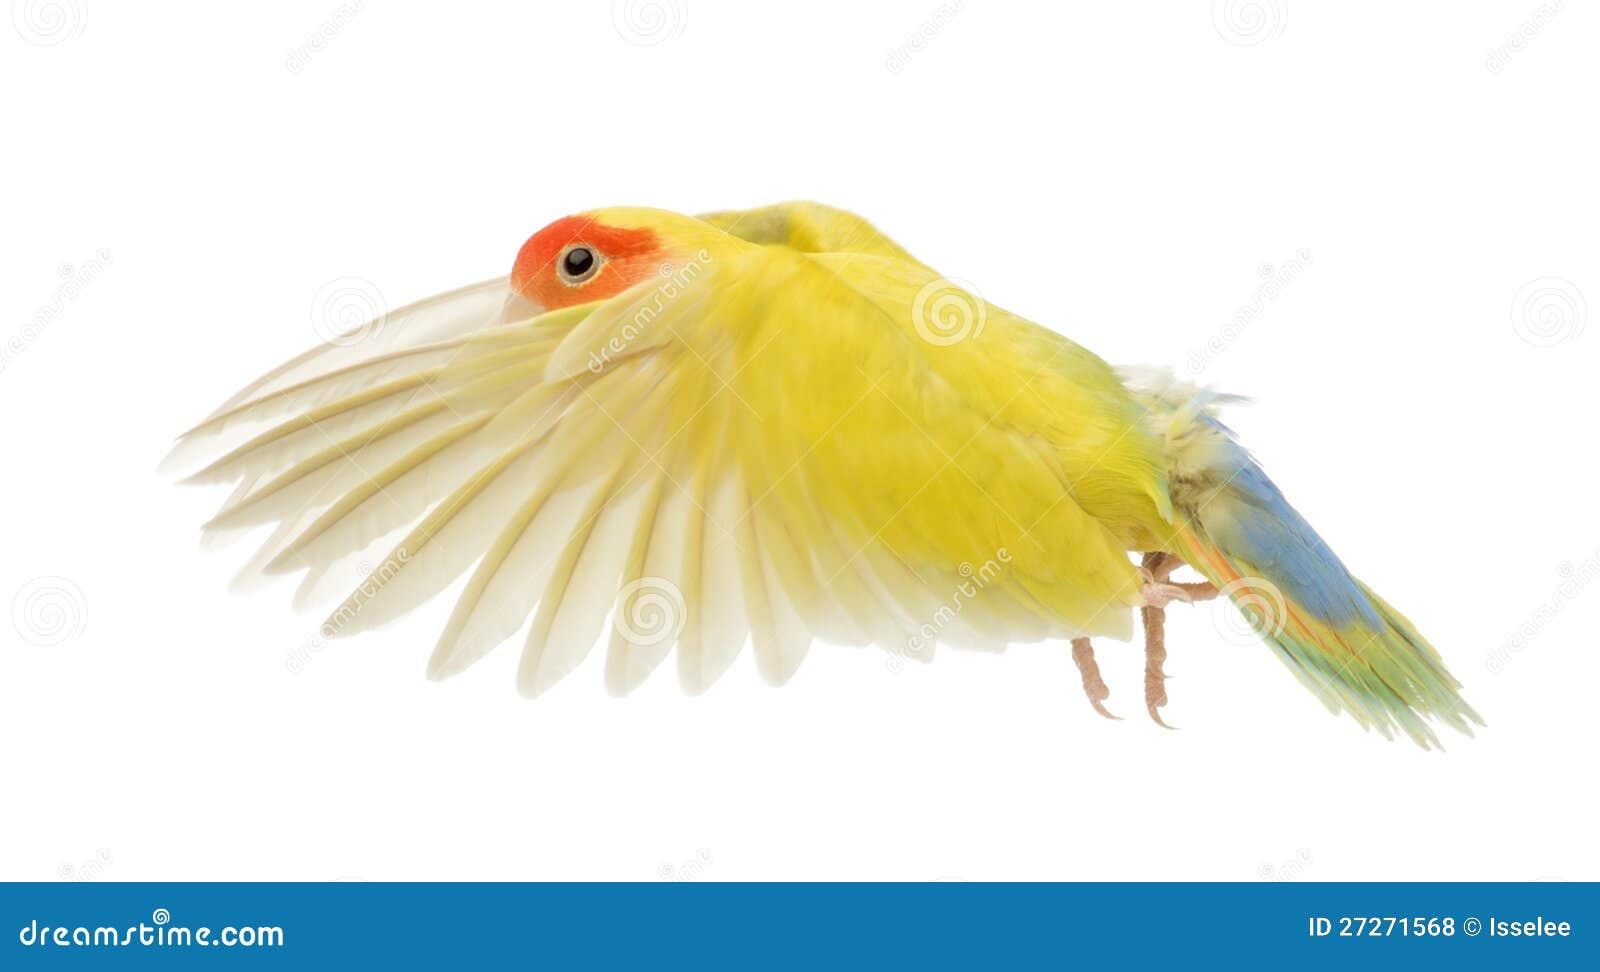 Rosig-gegenübergestelltes Lovebirdflugwesen